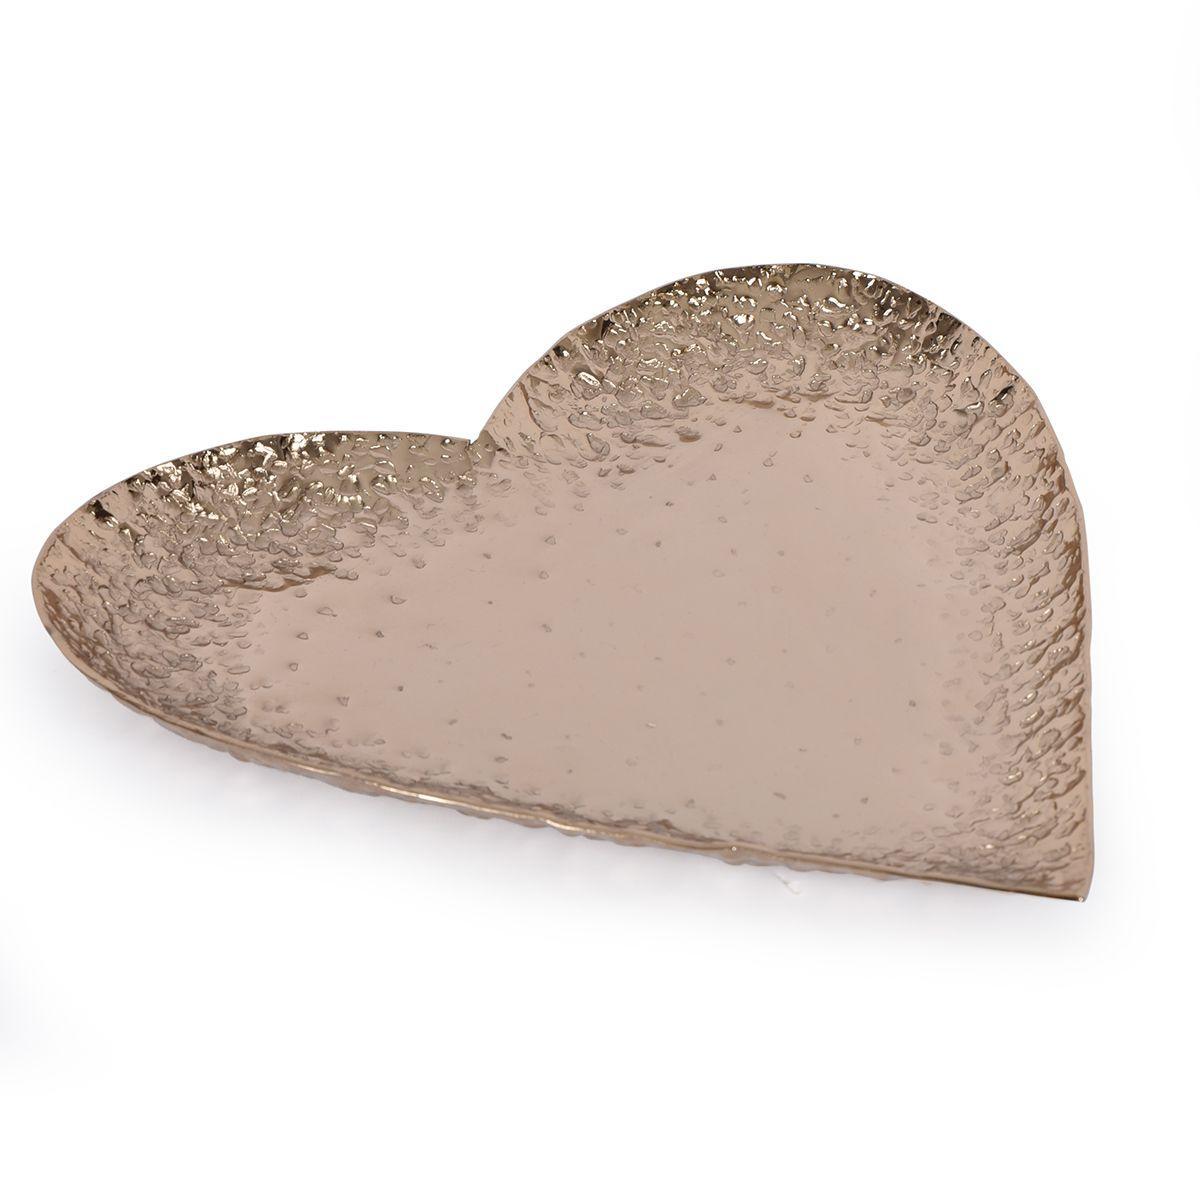 Блюдо в форме сердца из алюминия цвета шампанского Gros